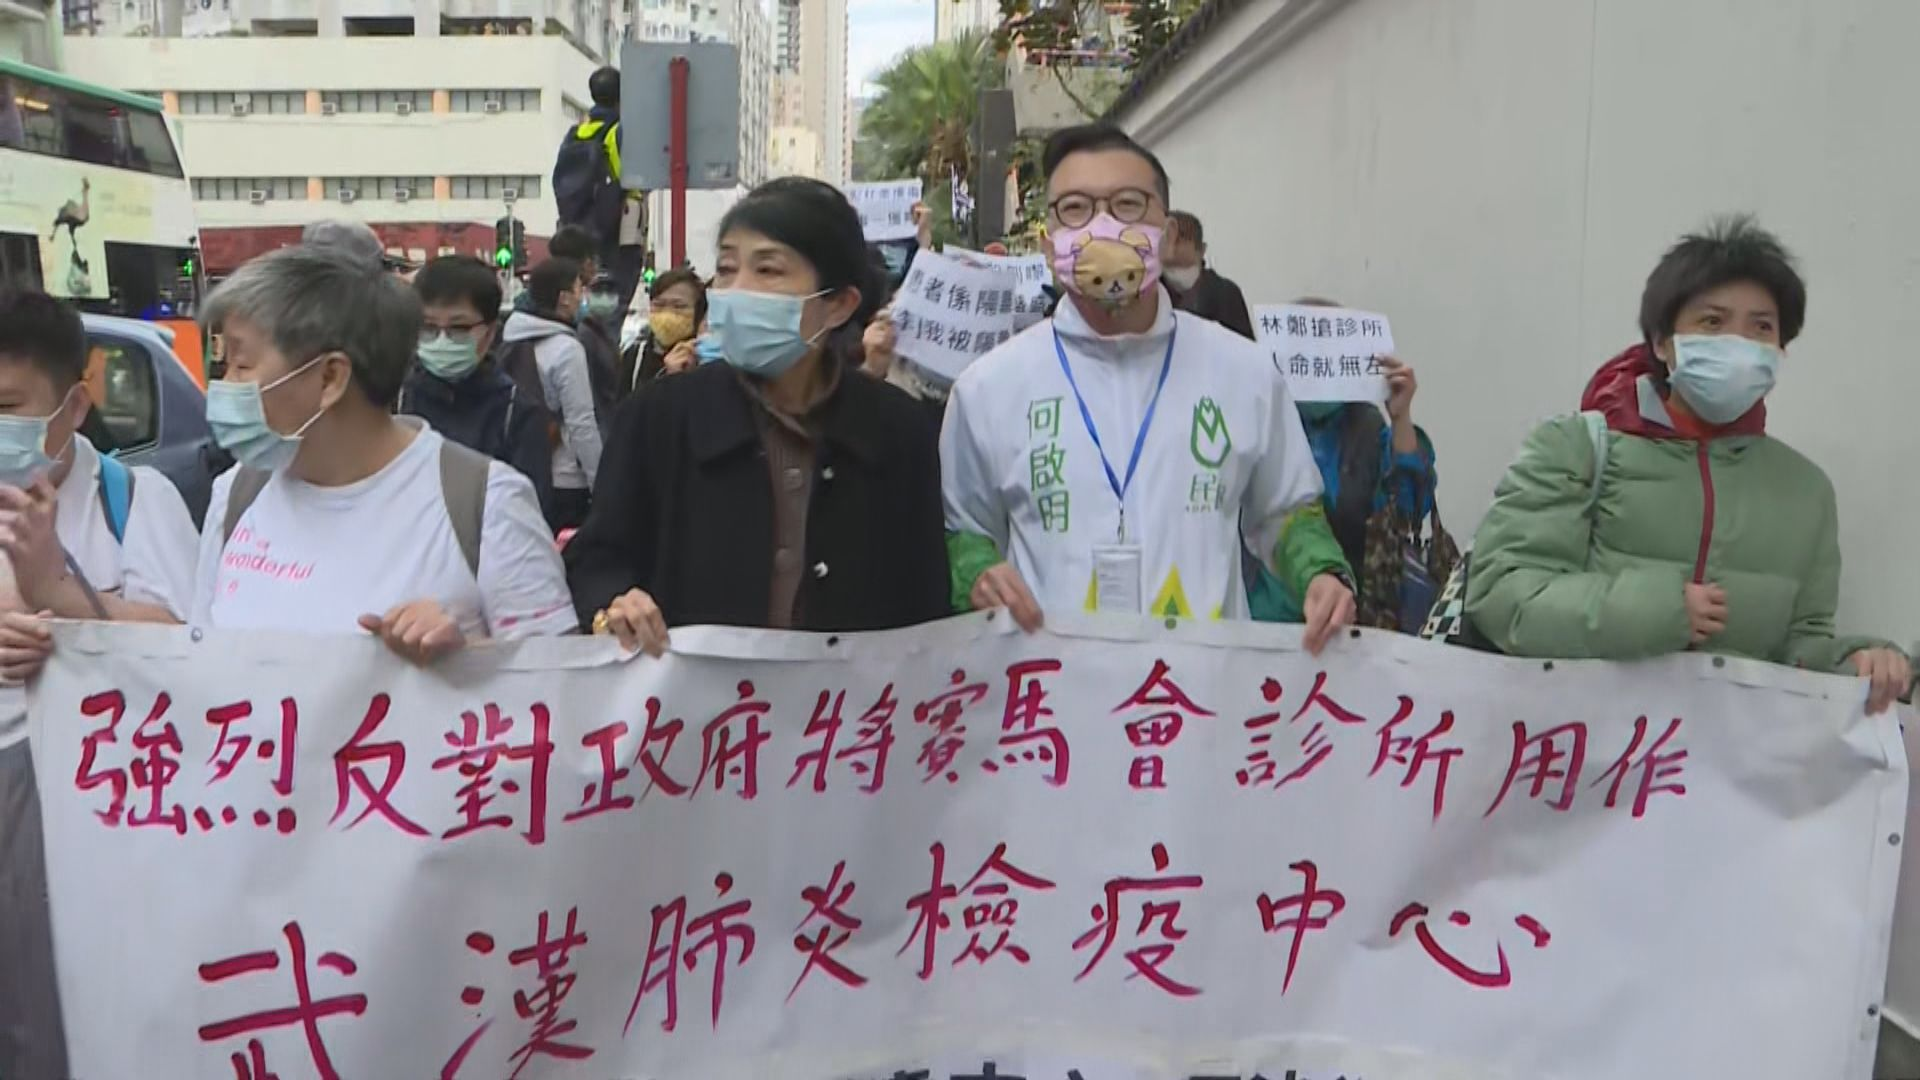 逾百人長沙灣遊行反對區內設指定診所